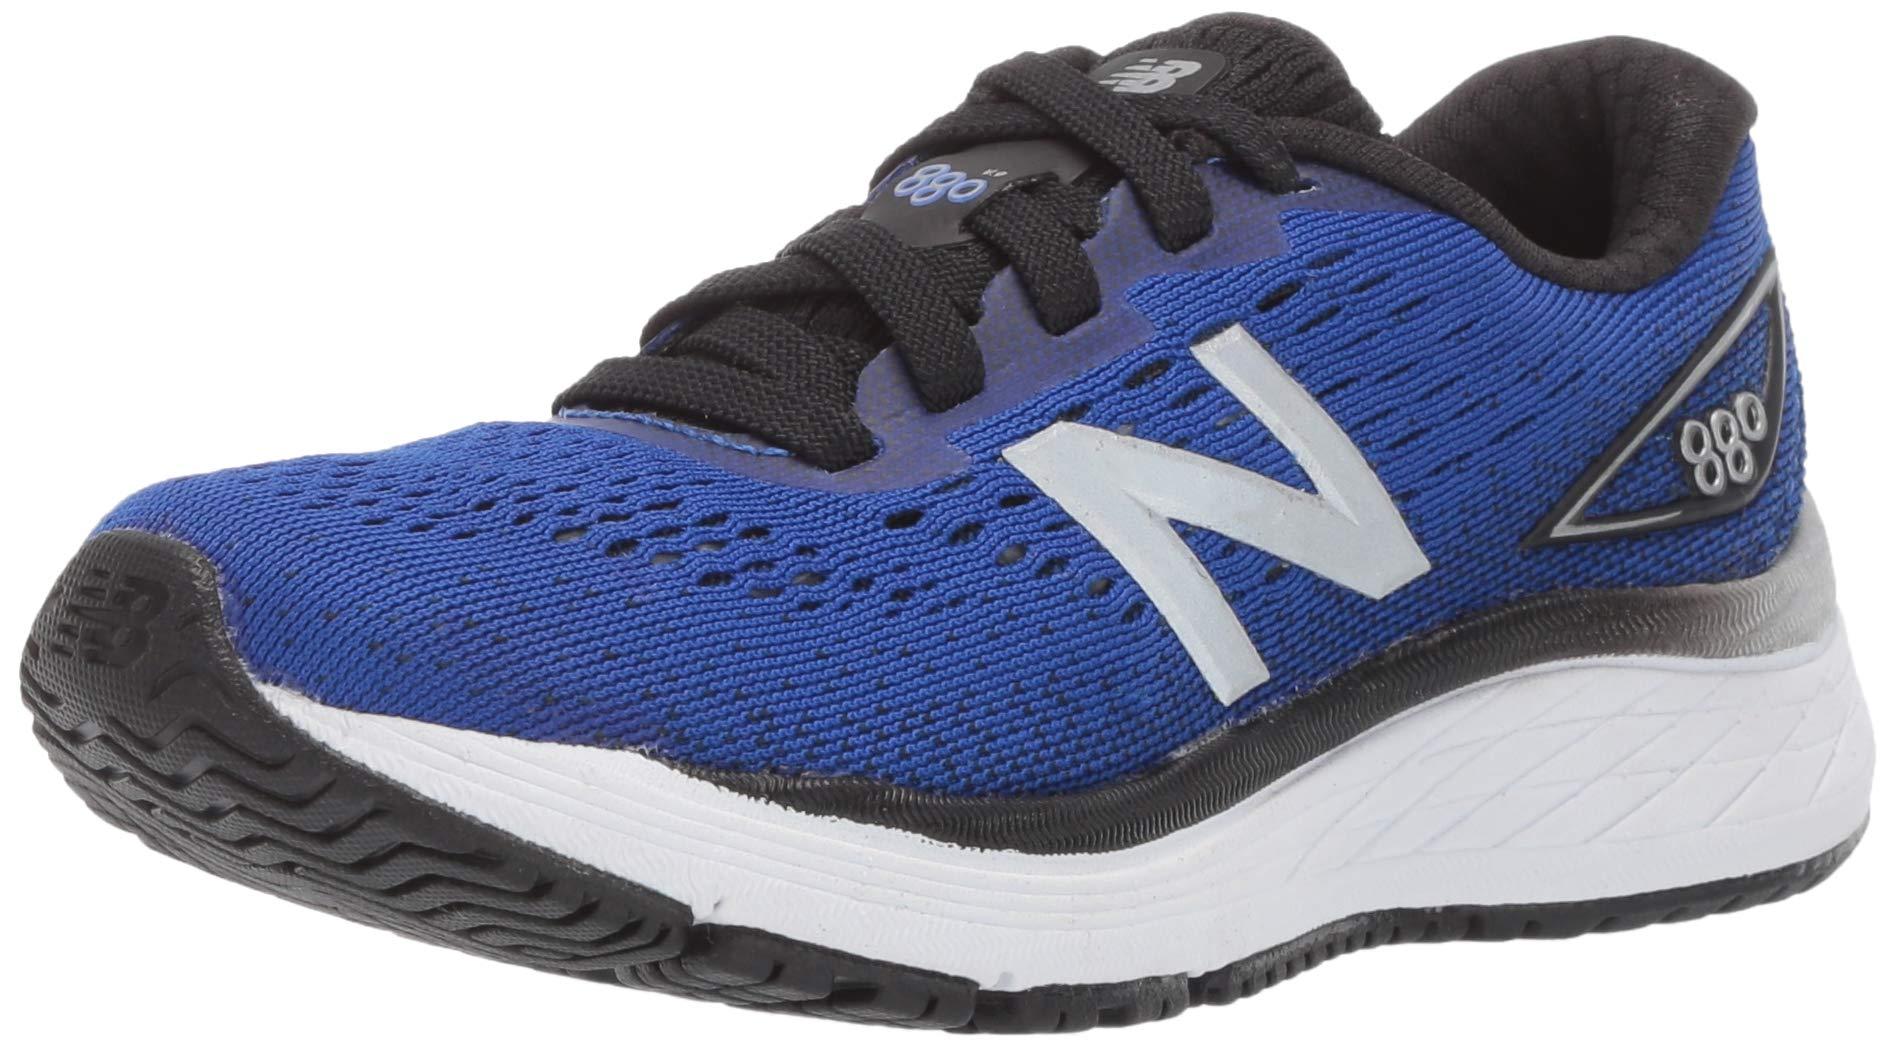 New Balance Boys' 880v9 Running Shoe, uv Blue/Black, 6.5 XW US Big Kid